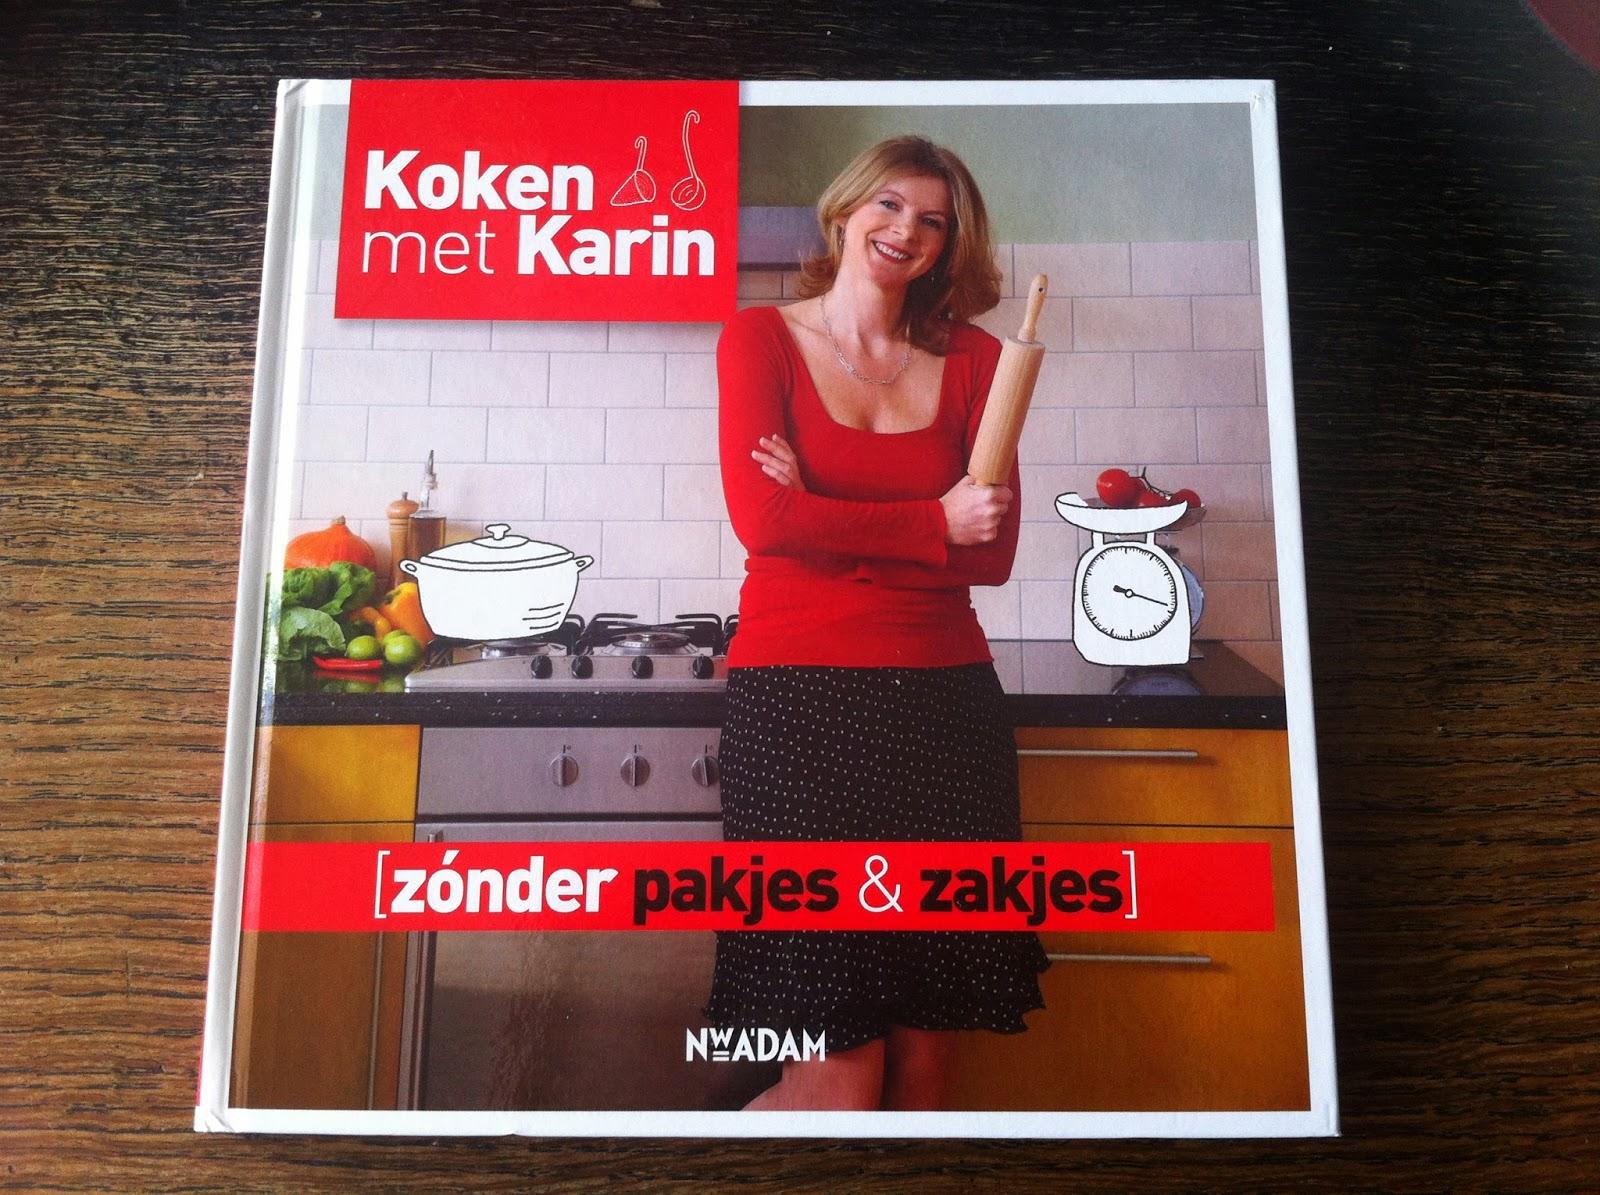 Koken met Karin zonder pakjes en zakjes